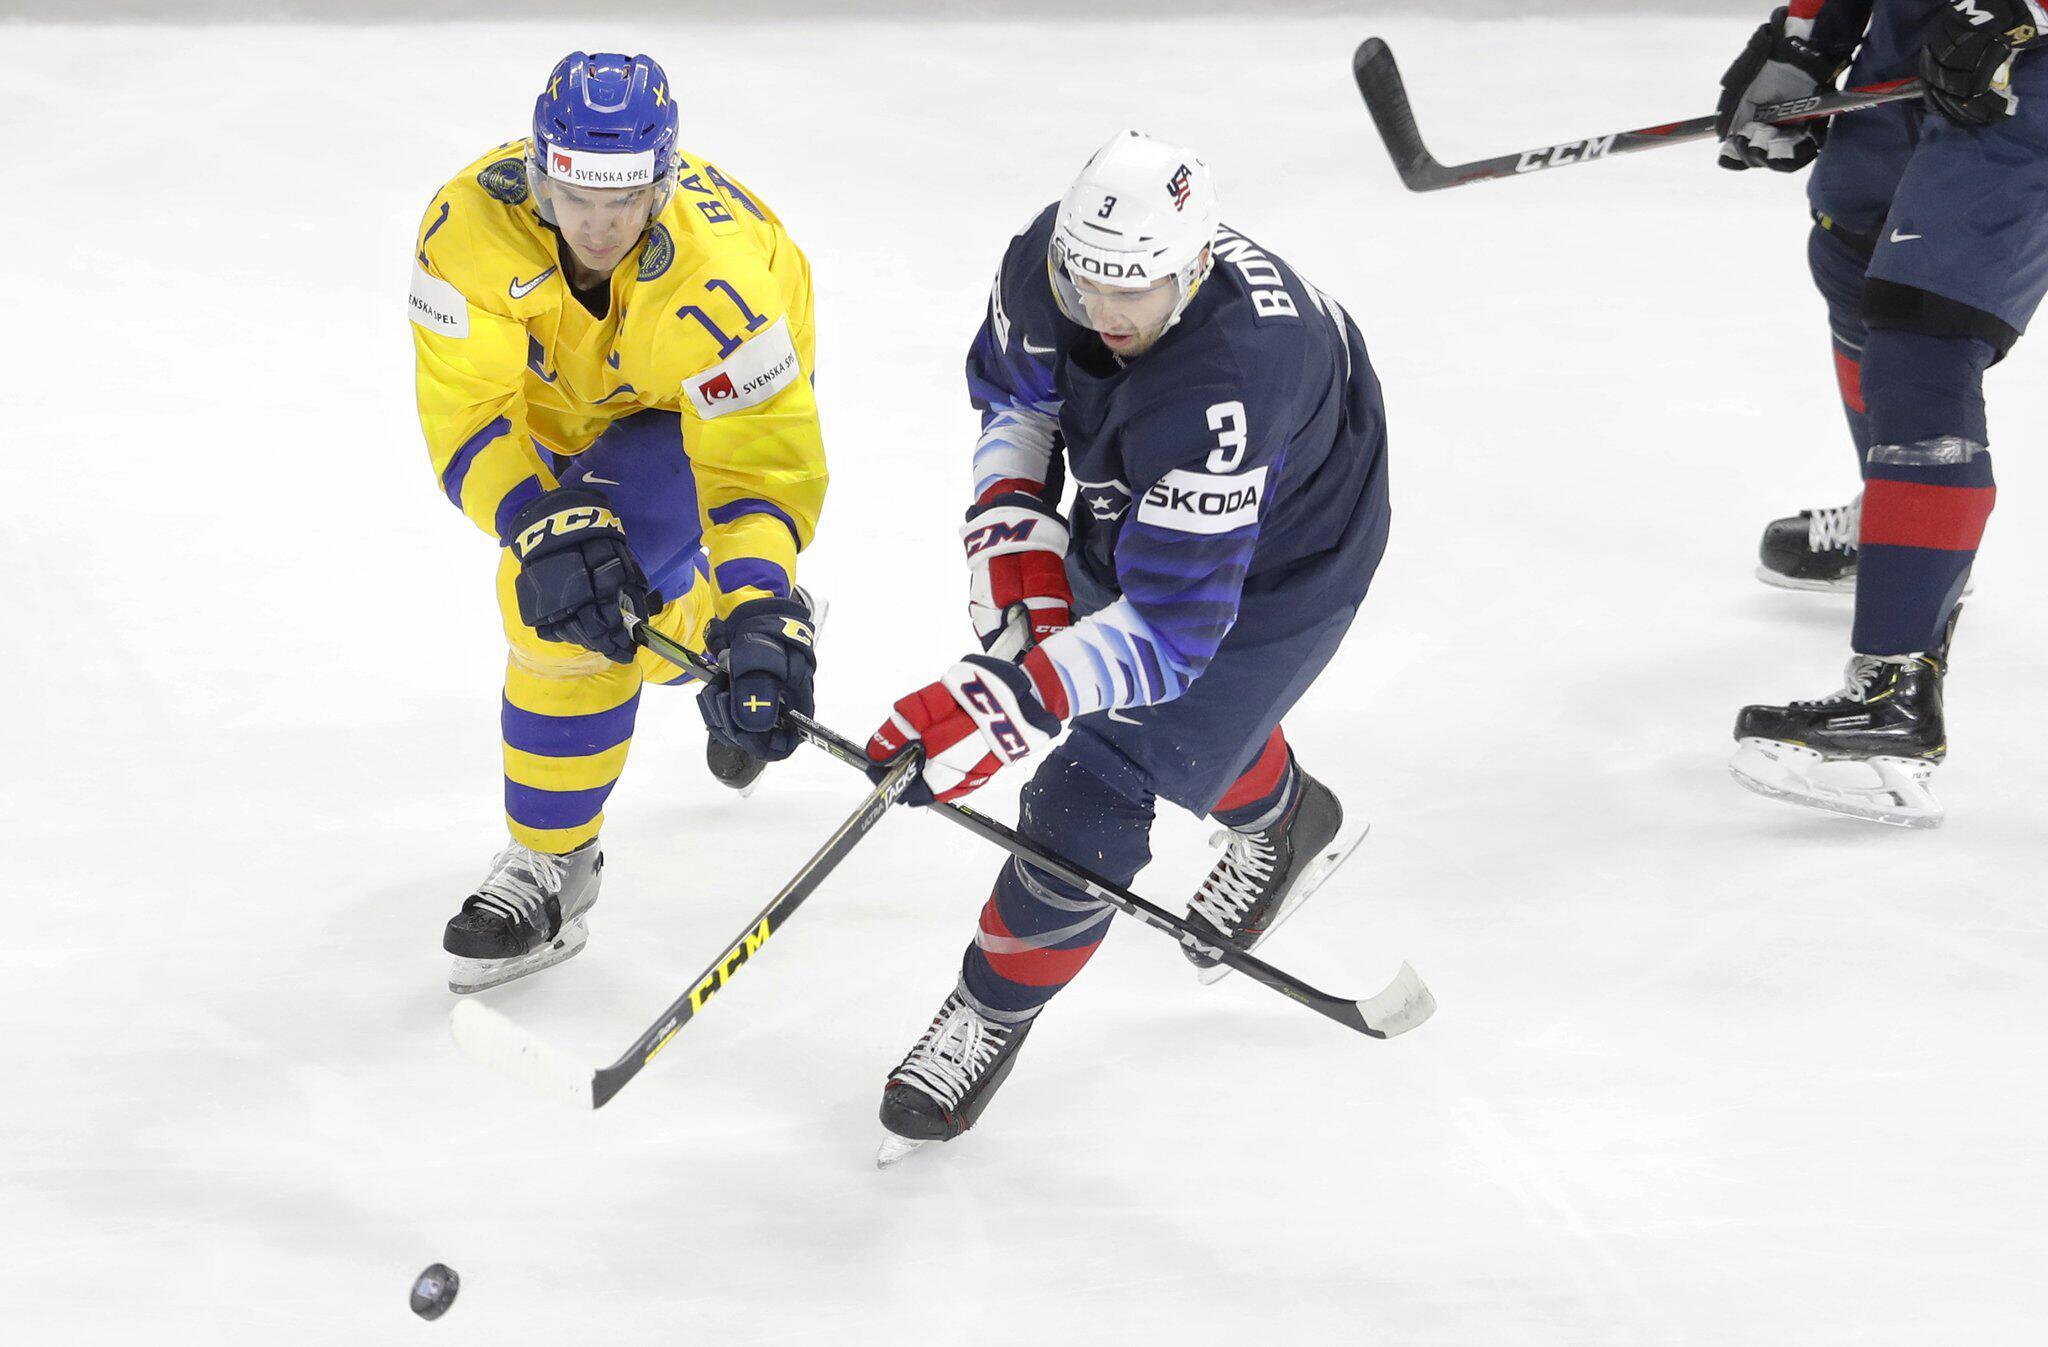 Bild zu WM, Eishockey, Schweden, Endspiel, USA